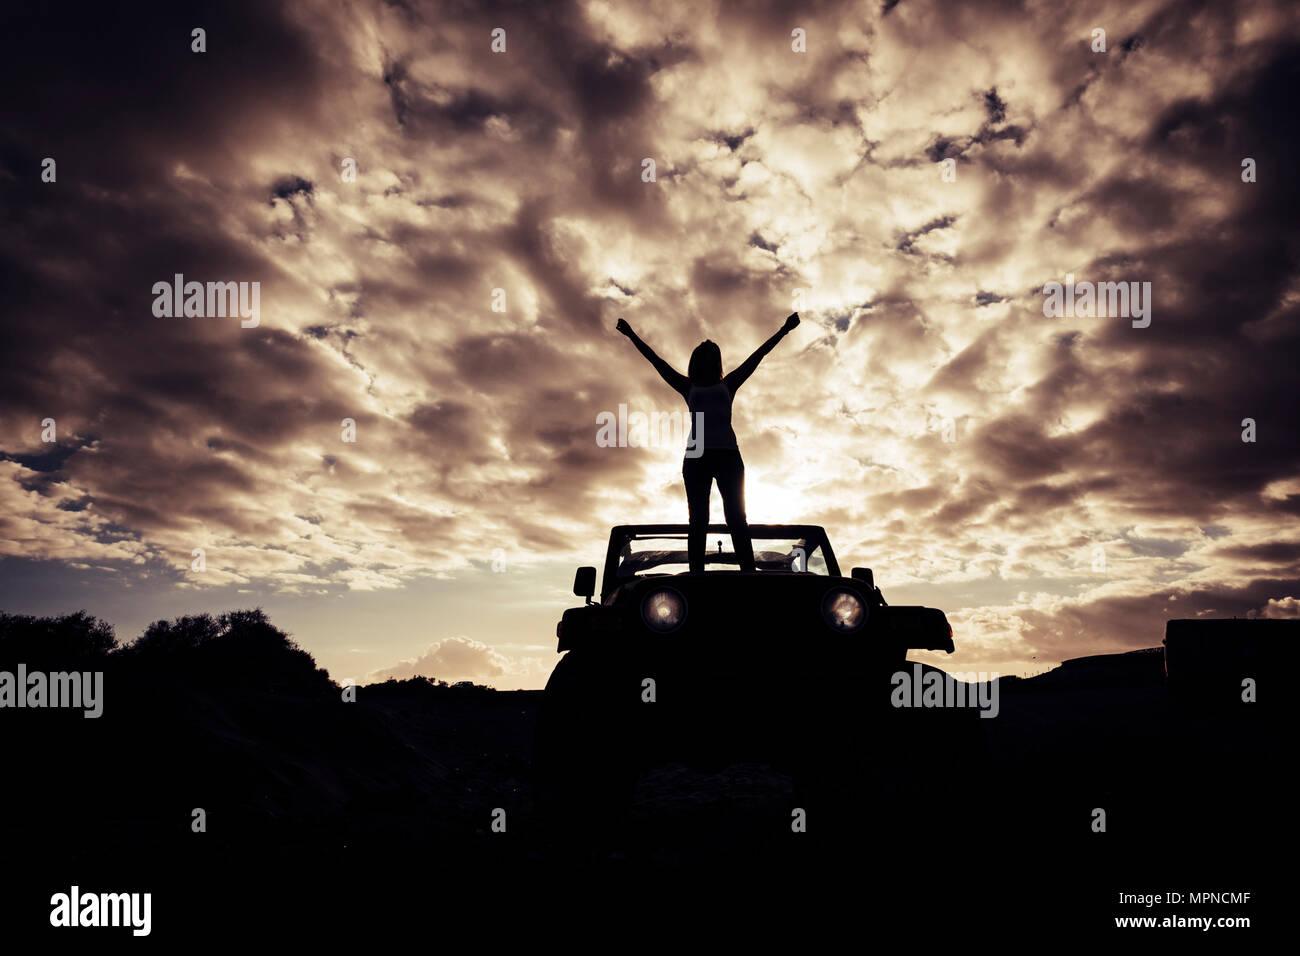 Gran puesta de sol paisaje y libertad de estilo alternativo concepto. wanderlust y descubrir el mundo con niña disfrutando de la vida. Imagen De Stock